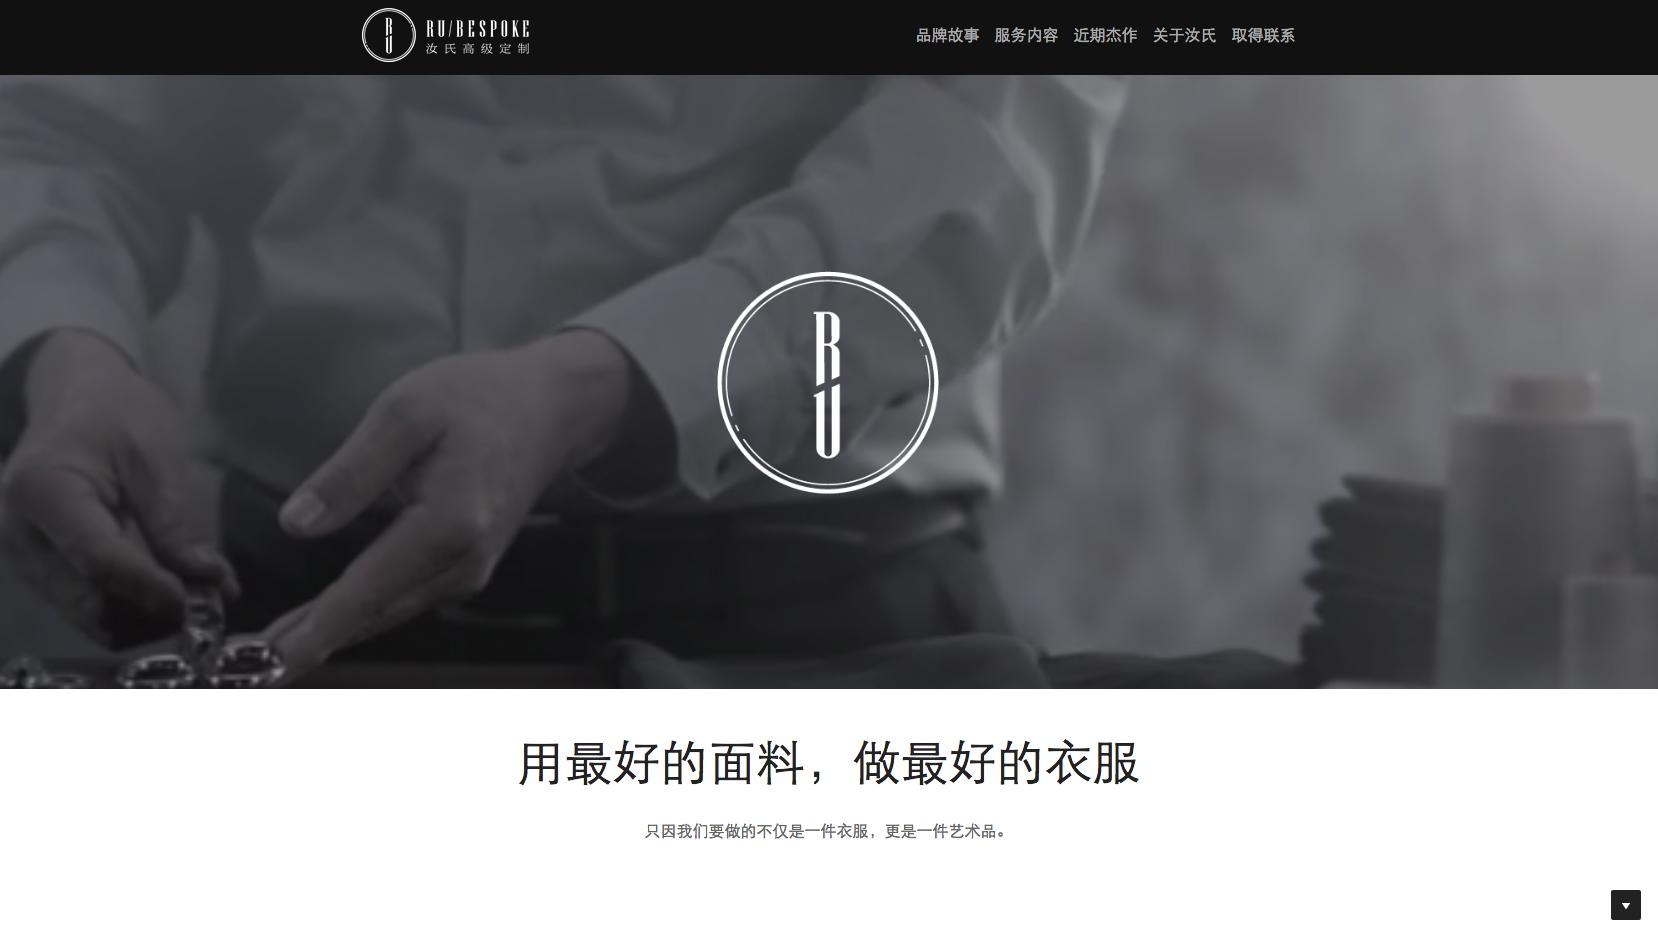 ru bespoke homepage